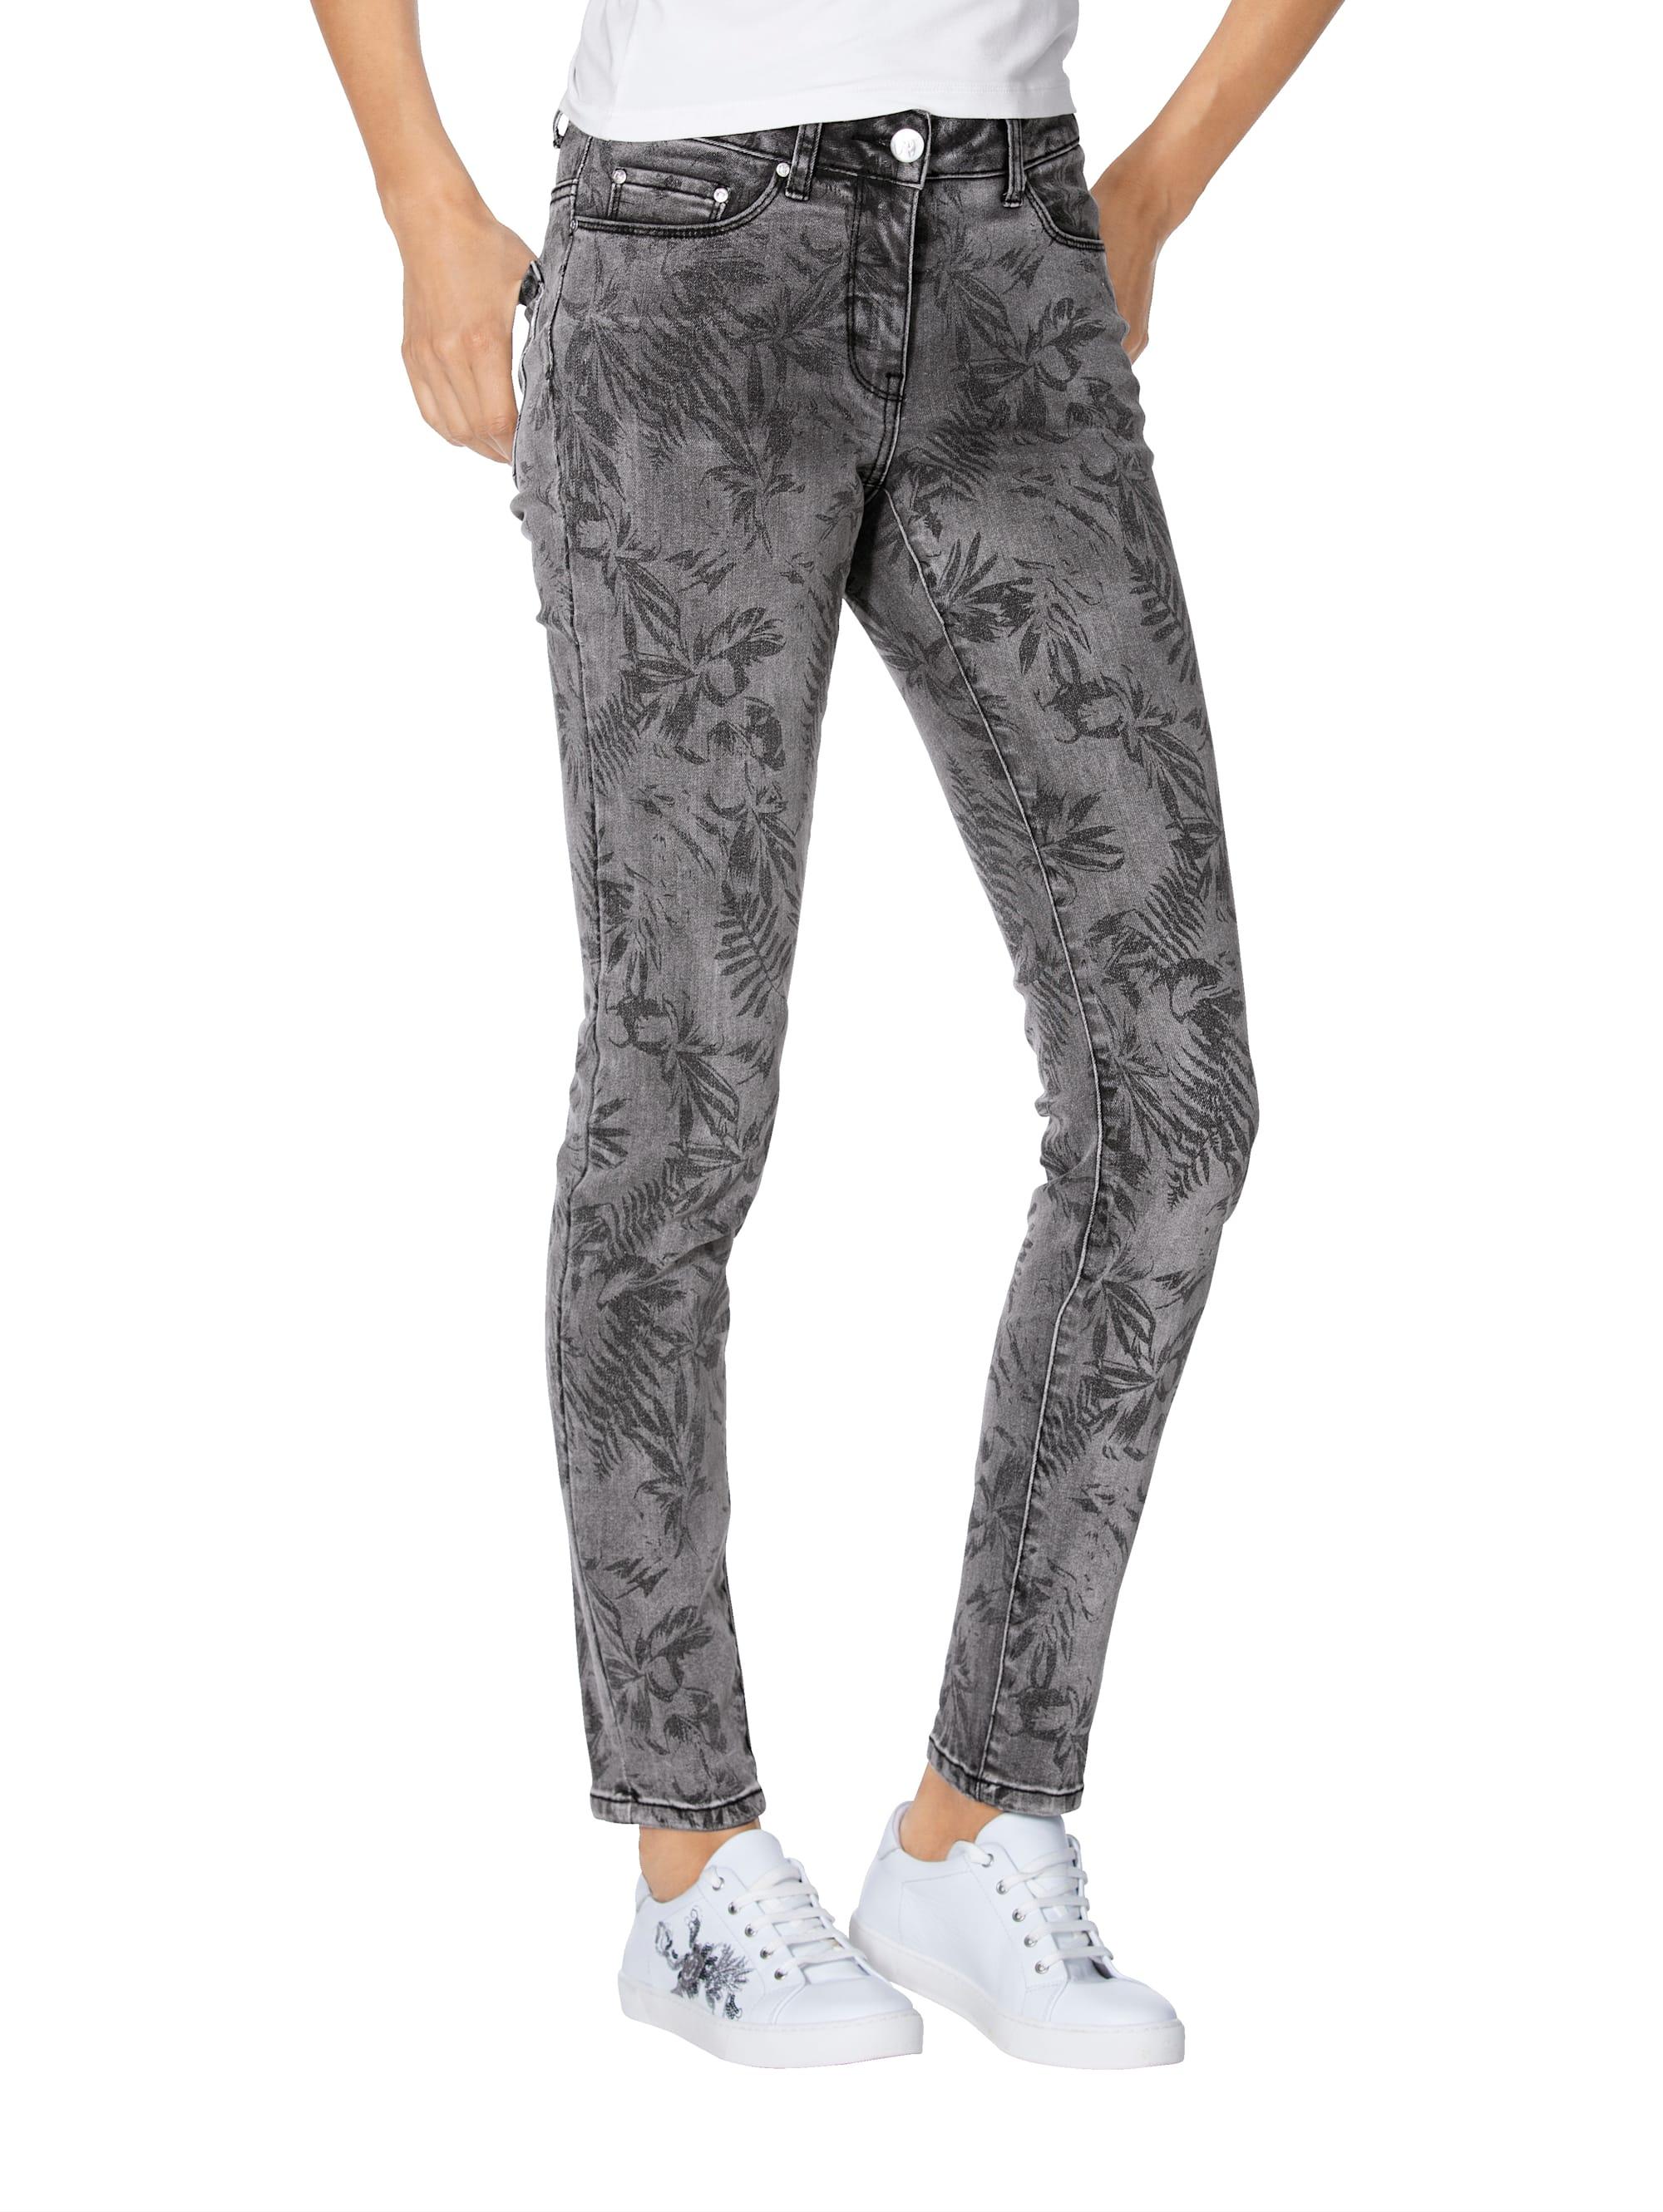 AMY VERMONT Jeans mit allover Blätterdruck hbkU5 xL8Kw